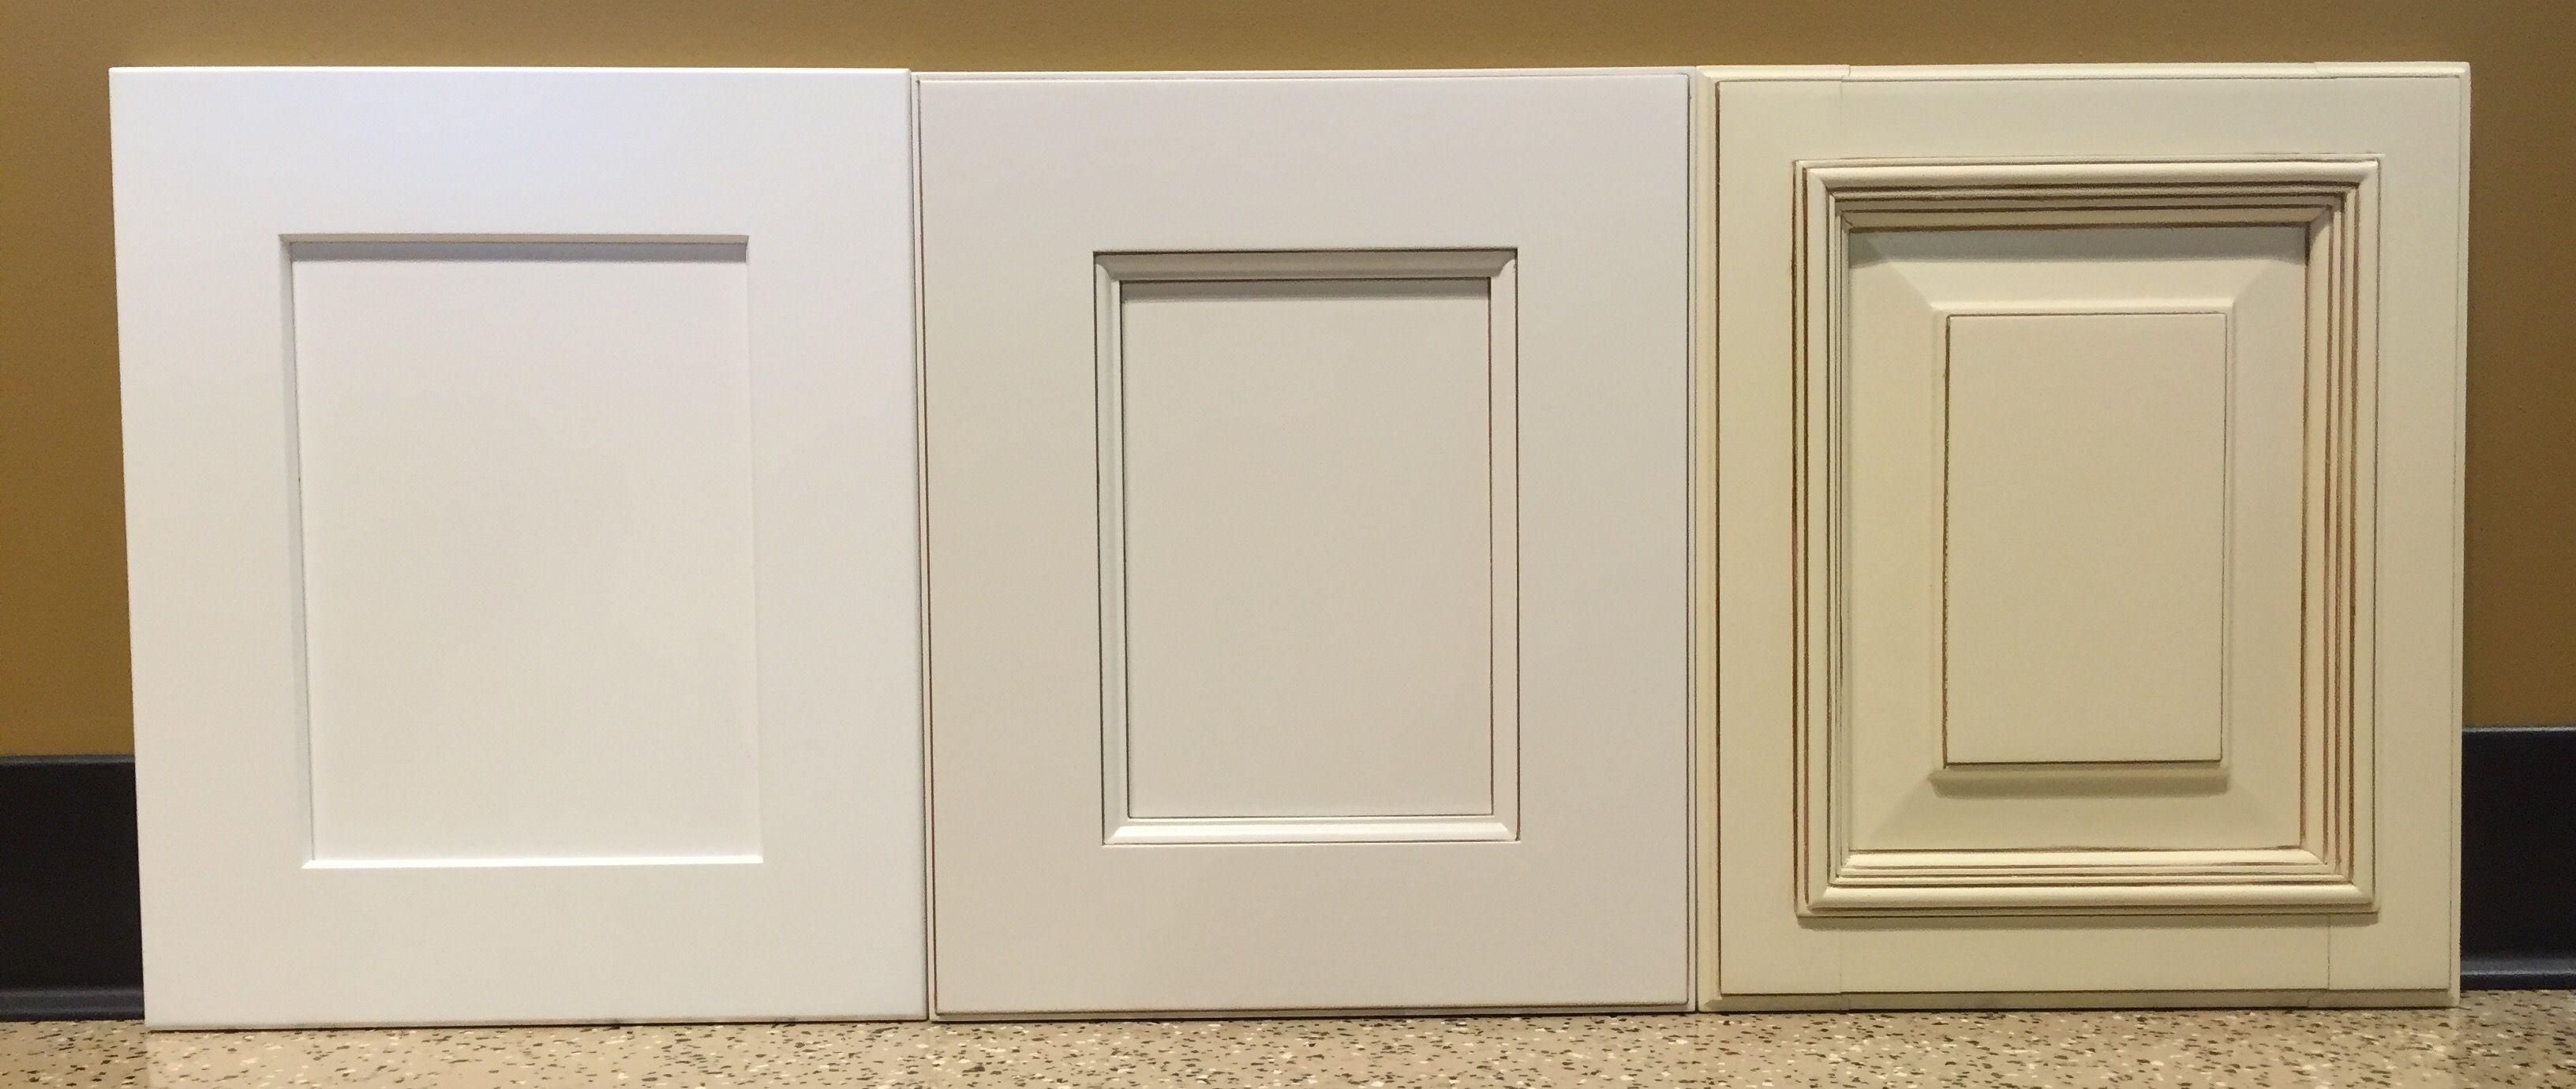 Fabuwood Cabinets Shaker Style